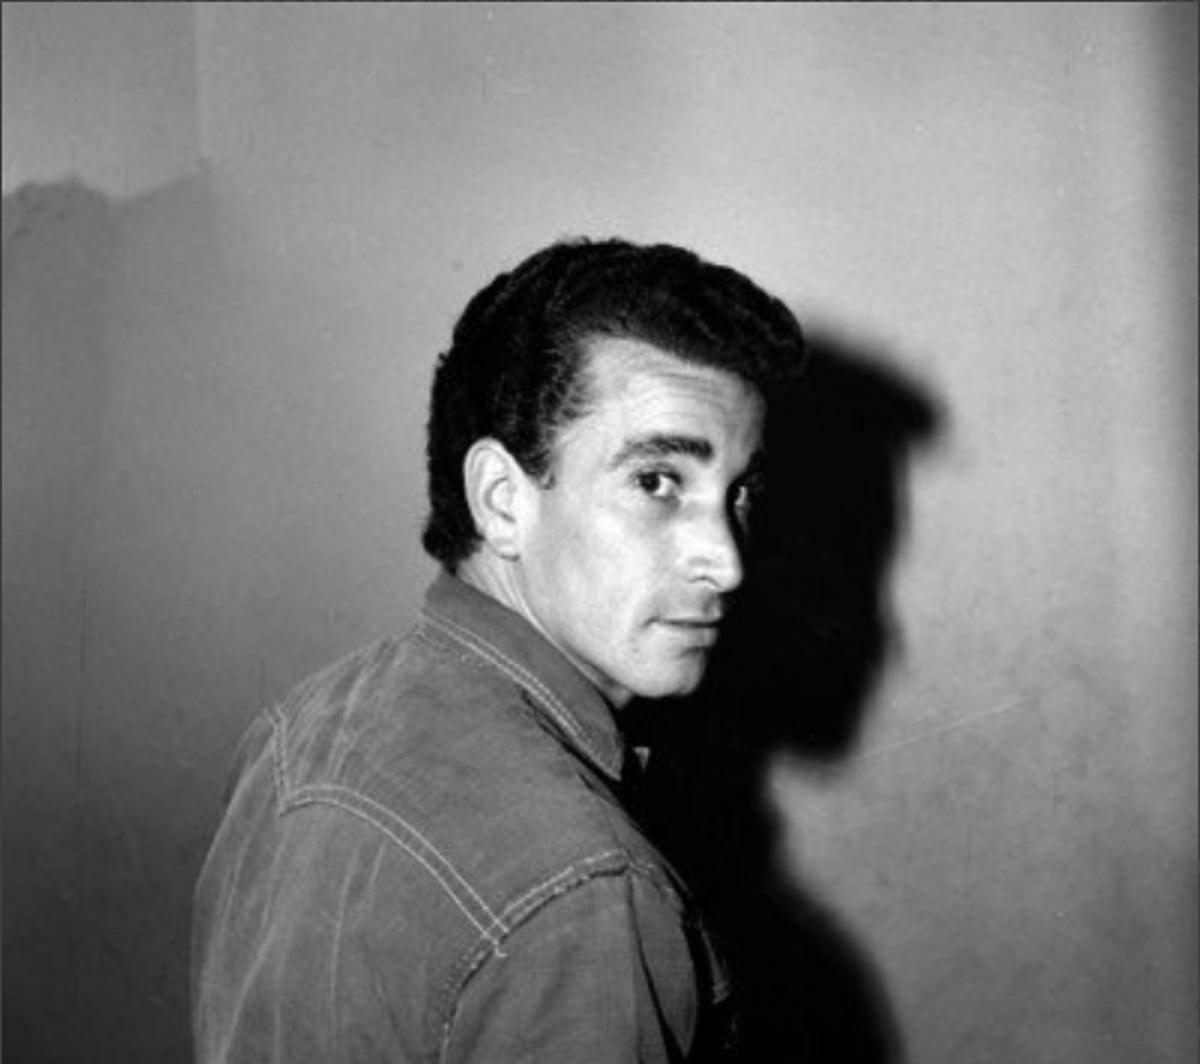 El actor mexicano